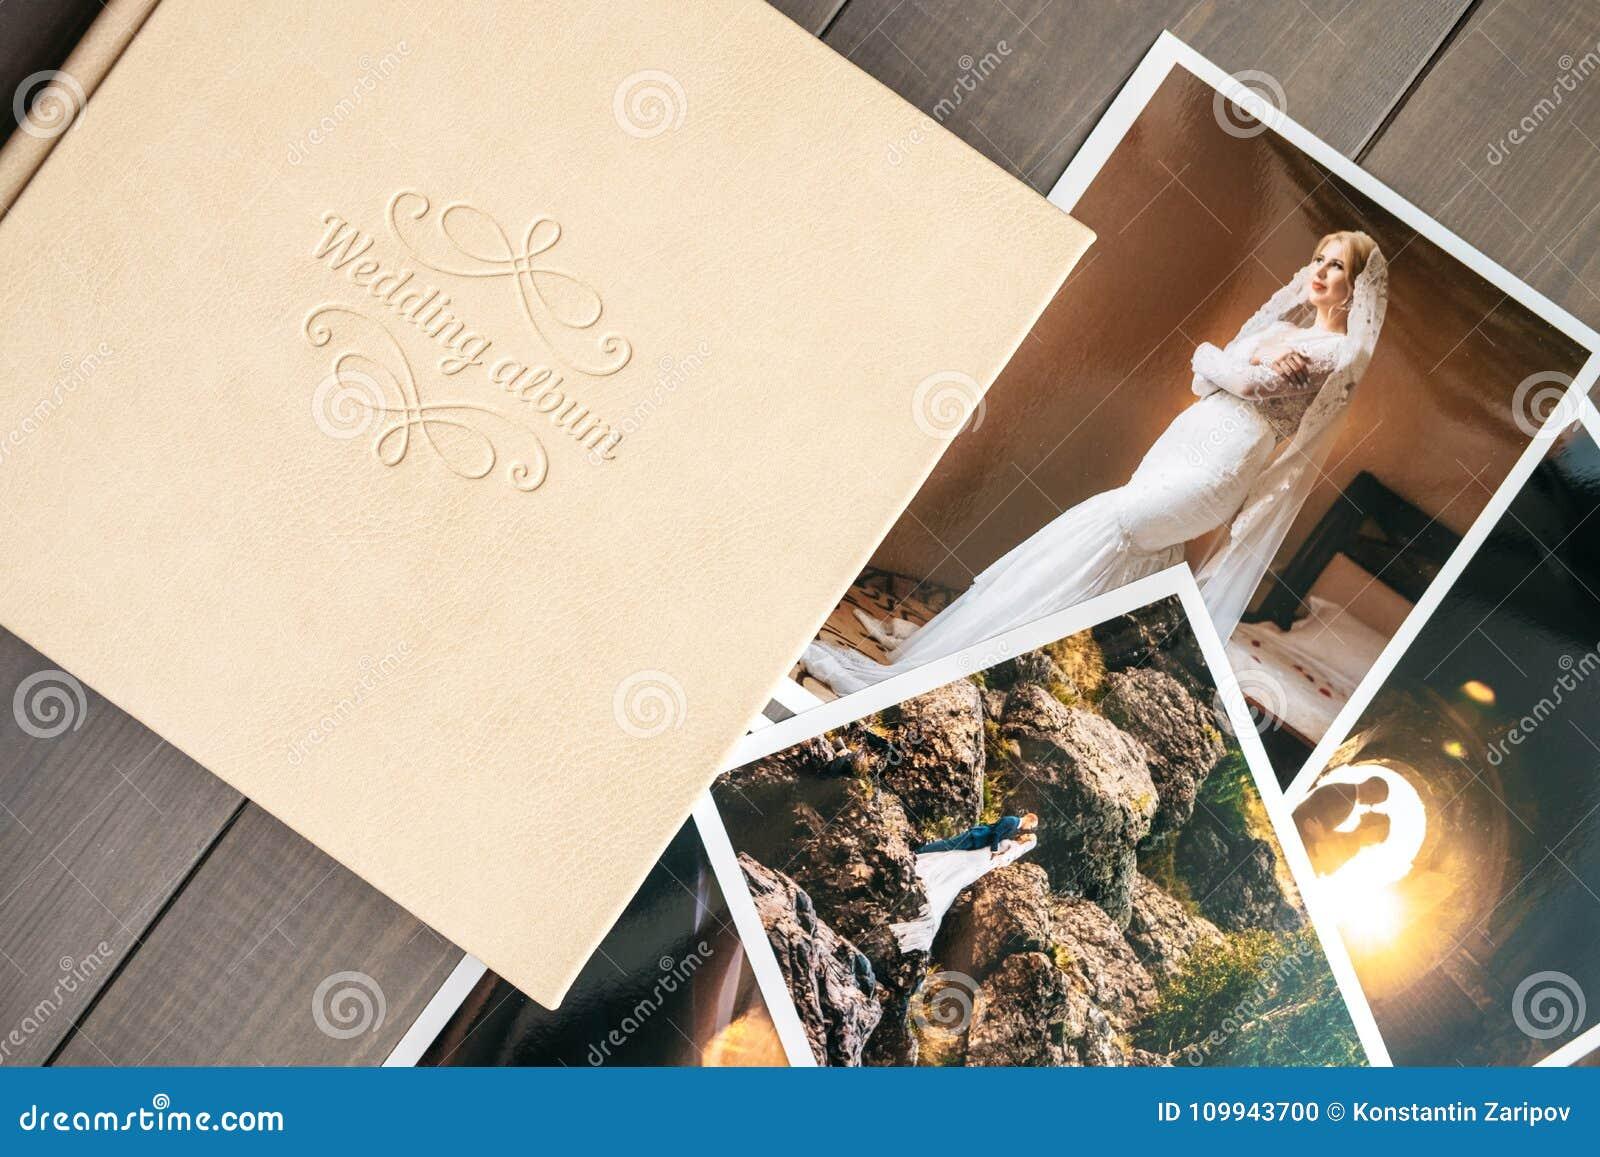 Białej skóry albumowe i drukowane ślubne fotografie z państwem młodzi